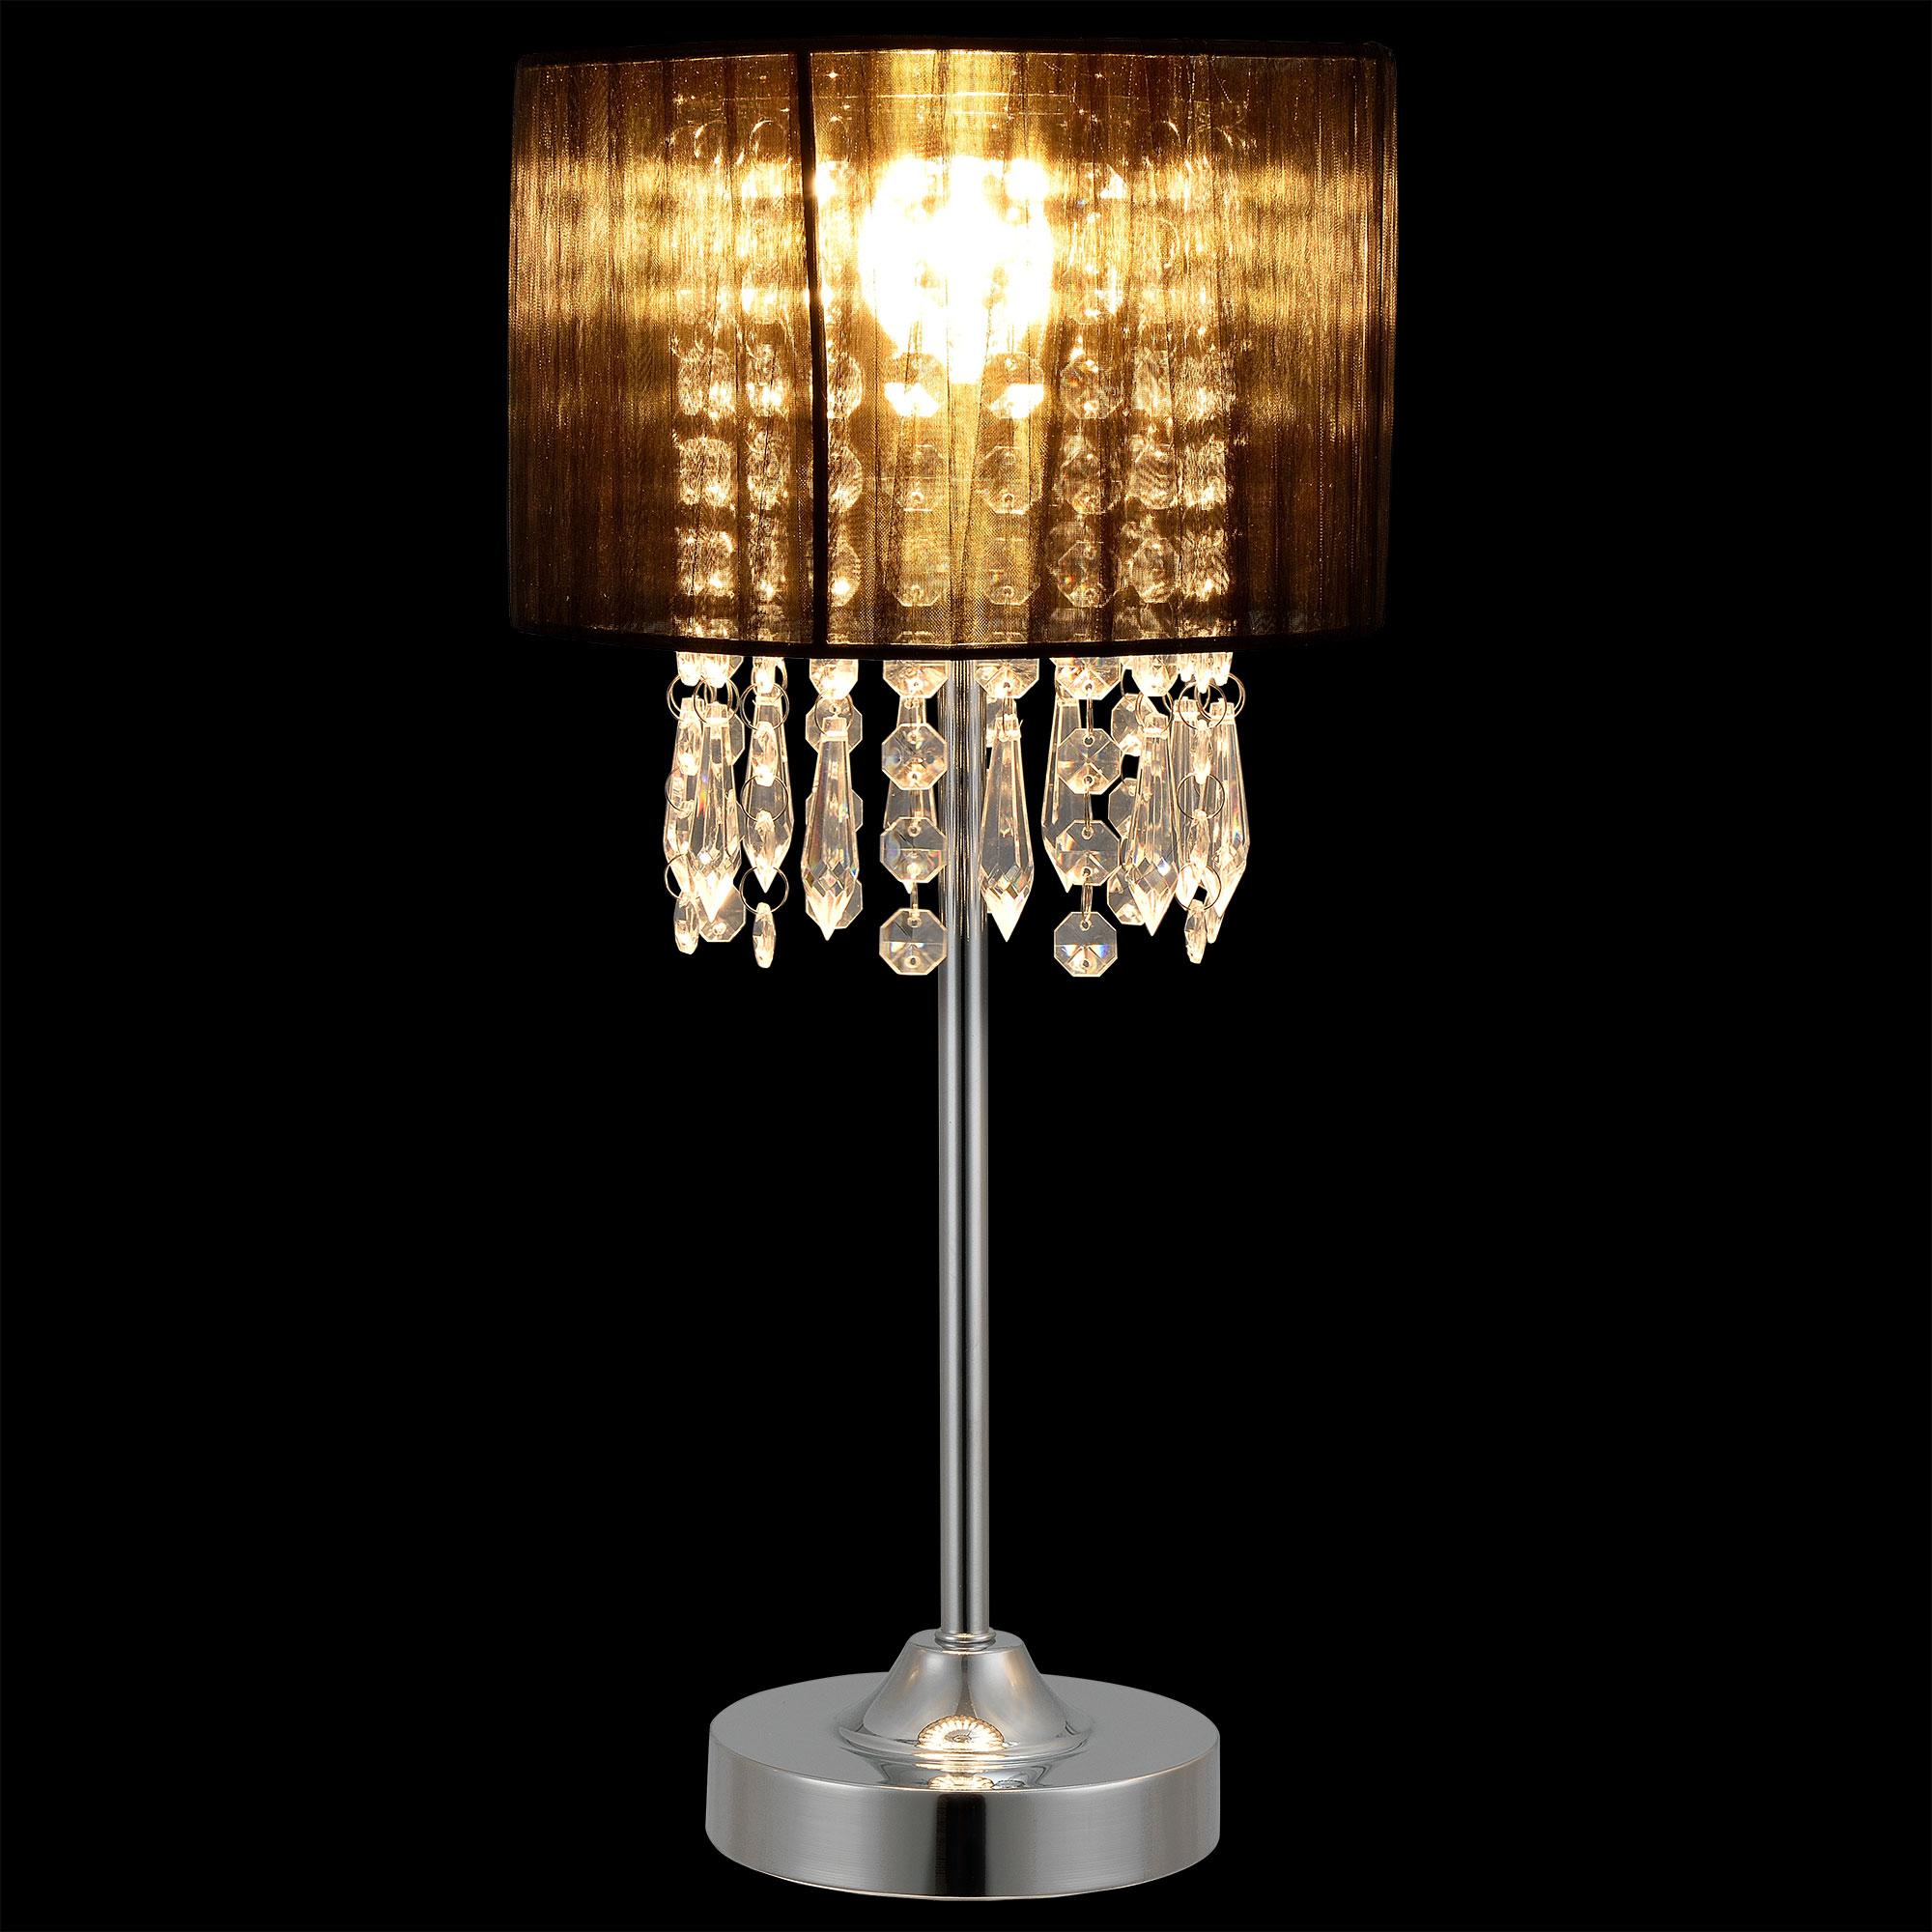 tischleuchte schwarz 55 cm x 20 cm tischlampe kristall textil lampe ebay. Black Bedroom Furniture Sets. Home Design Ideas